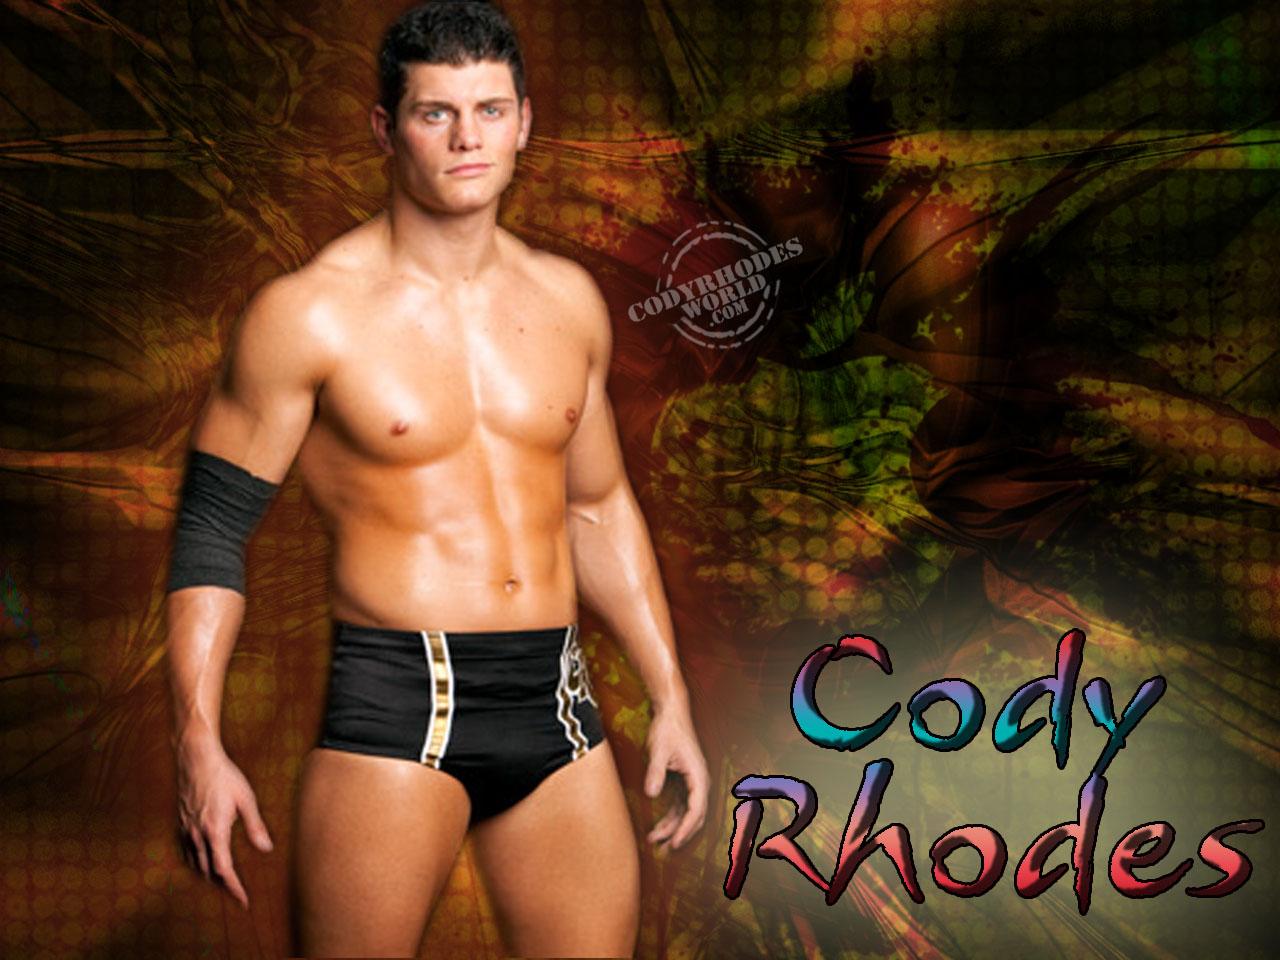 http://3.bp.blogspot.com/-m8alOsAJYpg/TkEr8-ru5DI/AAAAAAAAAoo/-cGJSENmXX8/s1600/Cody-Rhodes-Wallpaper-3.jpg